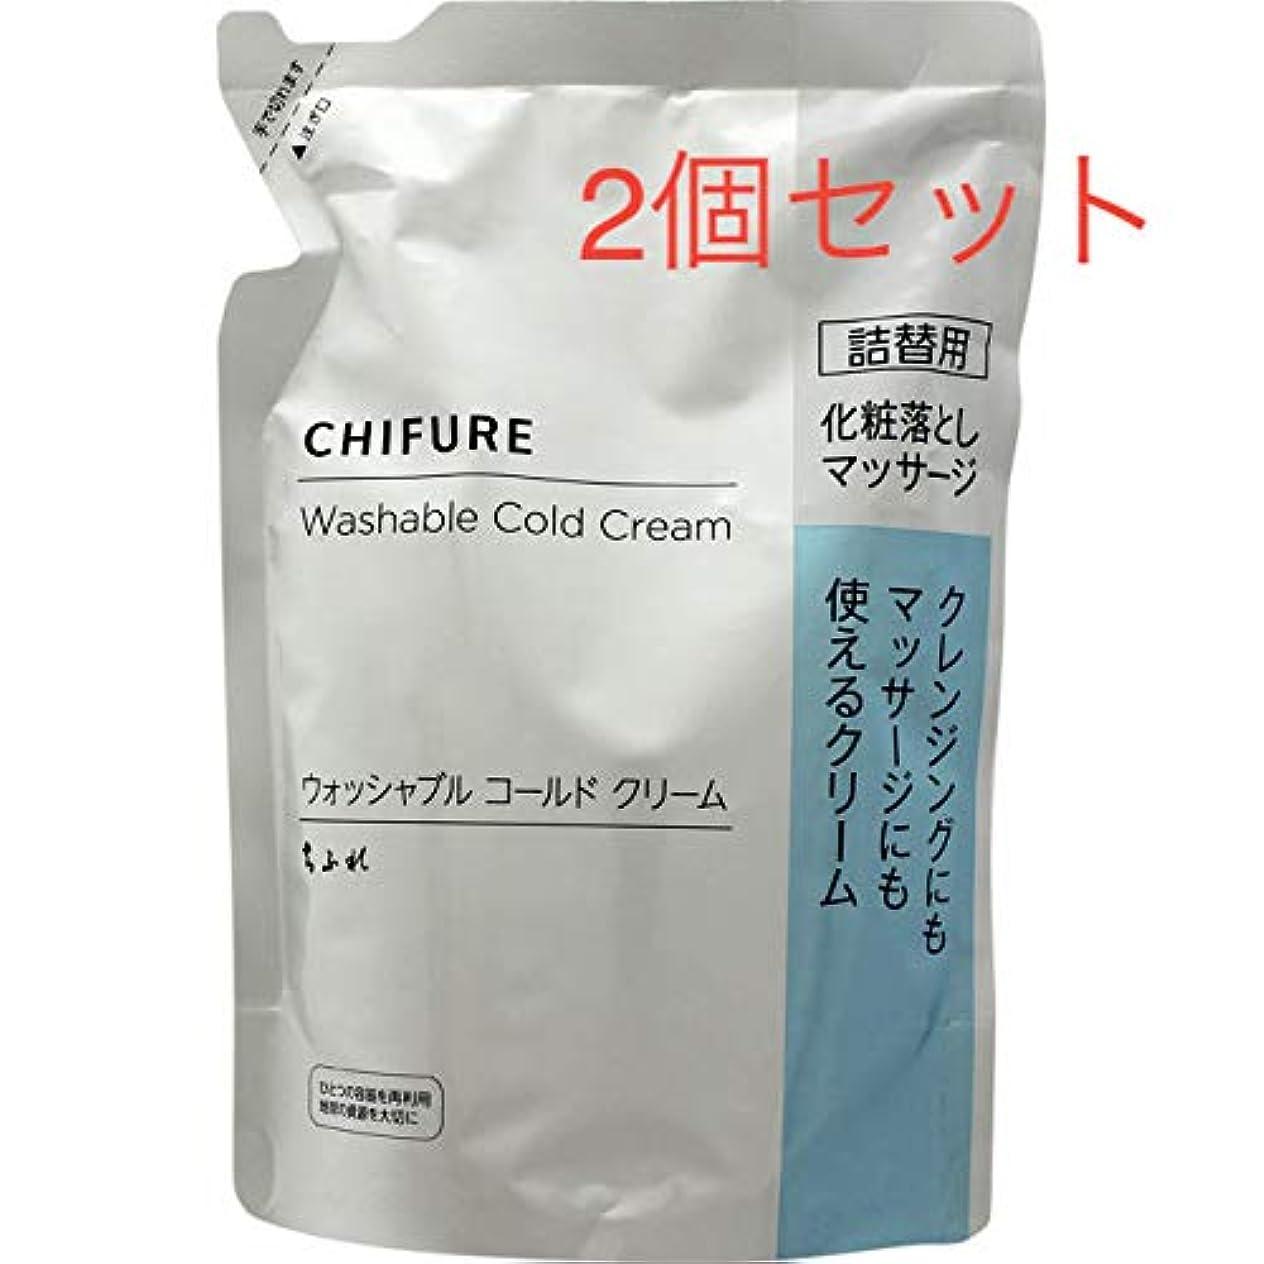 不毛取るに足らない知っているに立ち寄るちふれ化粧品 ウォッシャブルコールドクリームN詰替 300g 2個セット